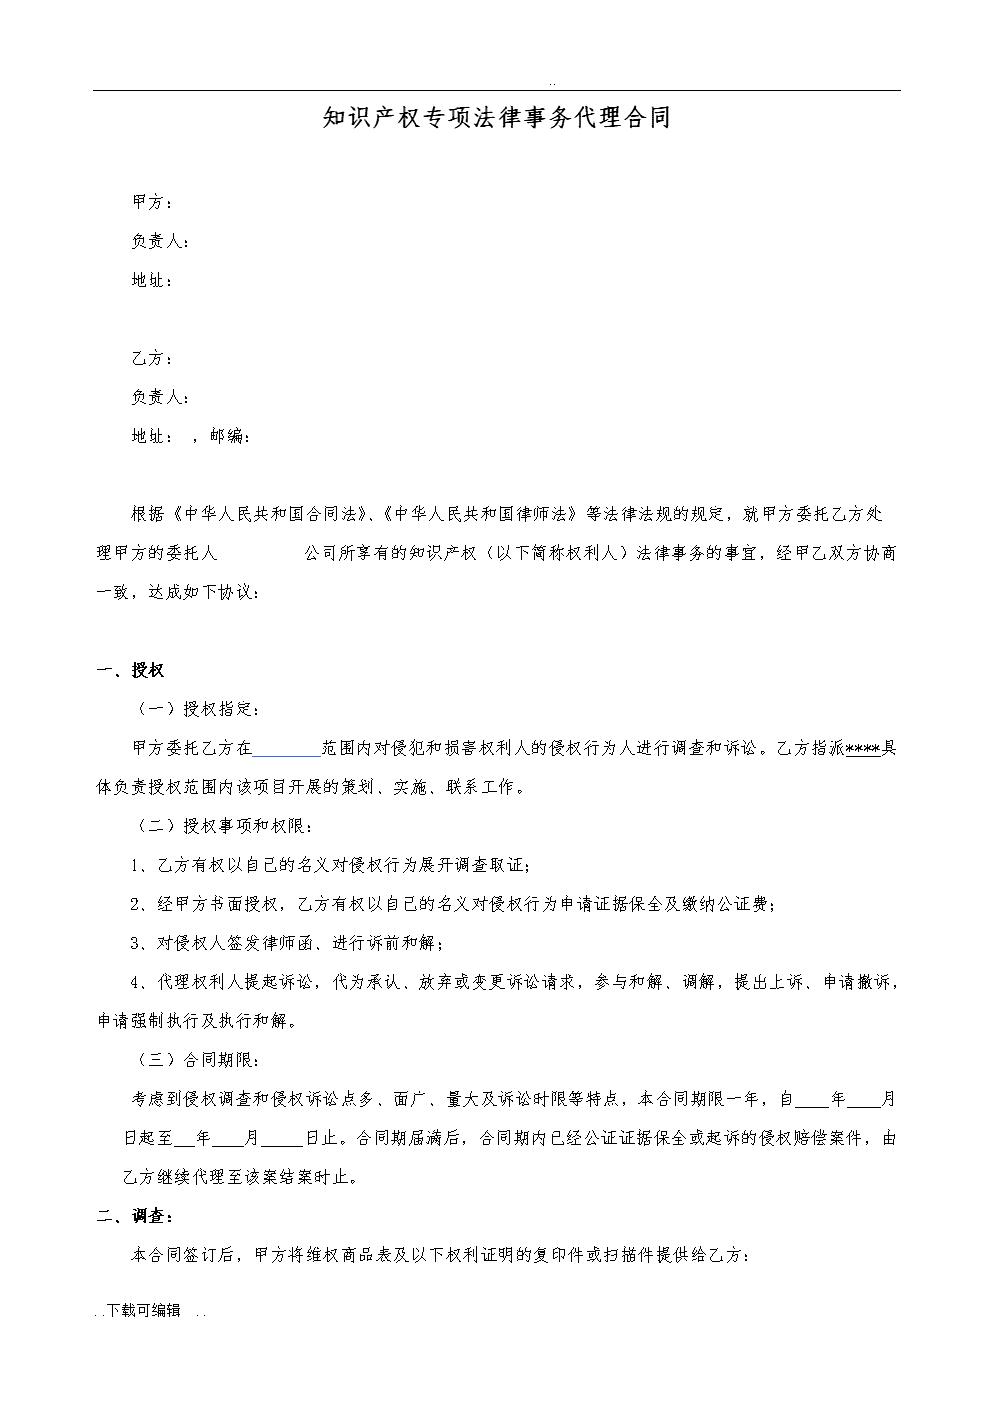 商标维权民事代理合同(全风险).doc